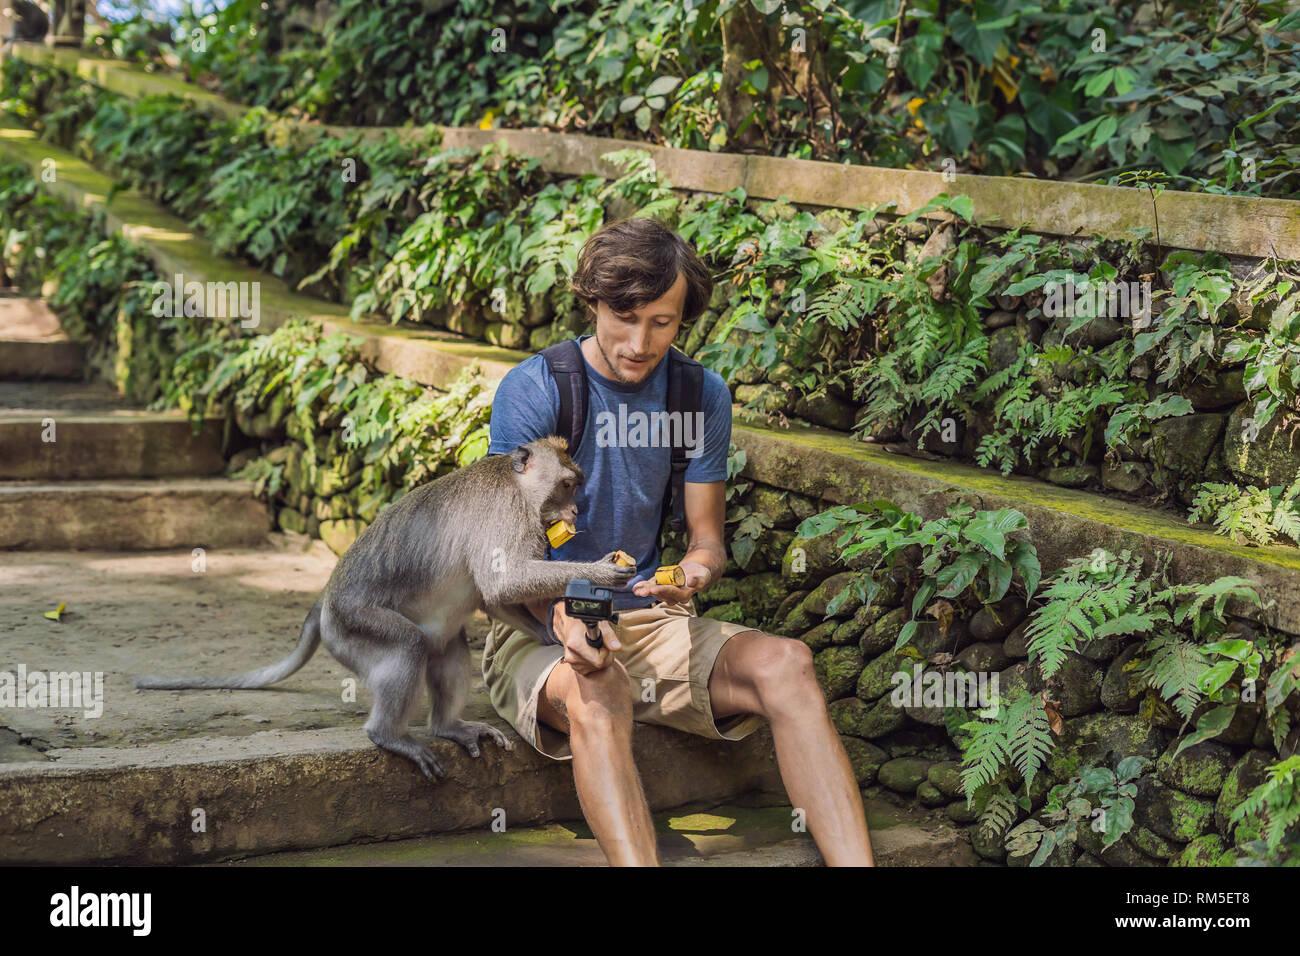 Selfi Stockfotos Und Bilder Kaufen Alamy